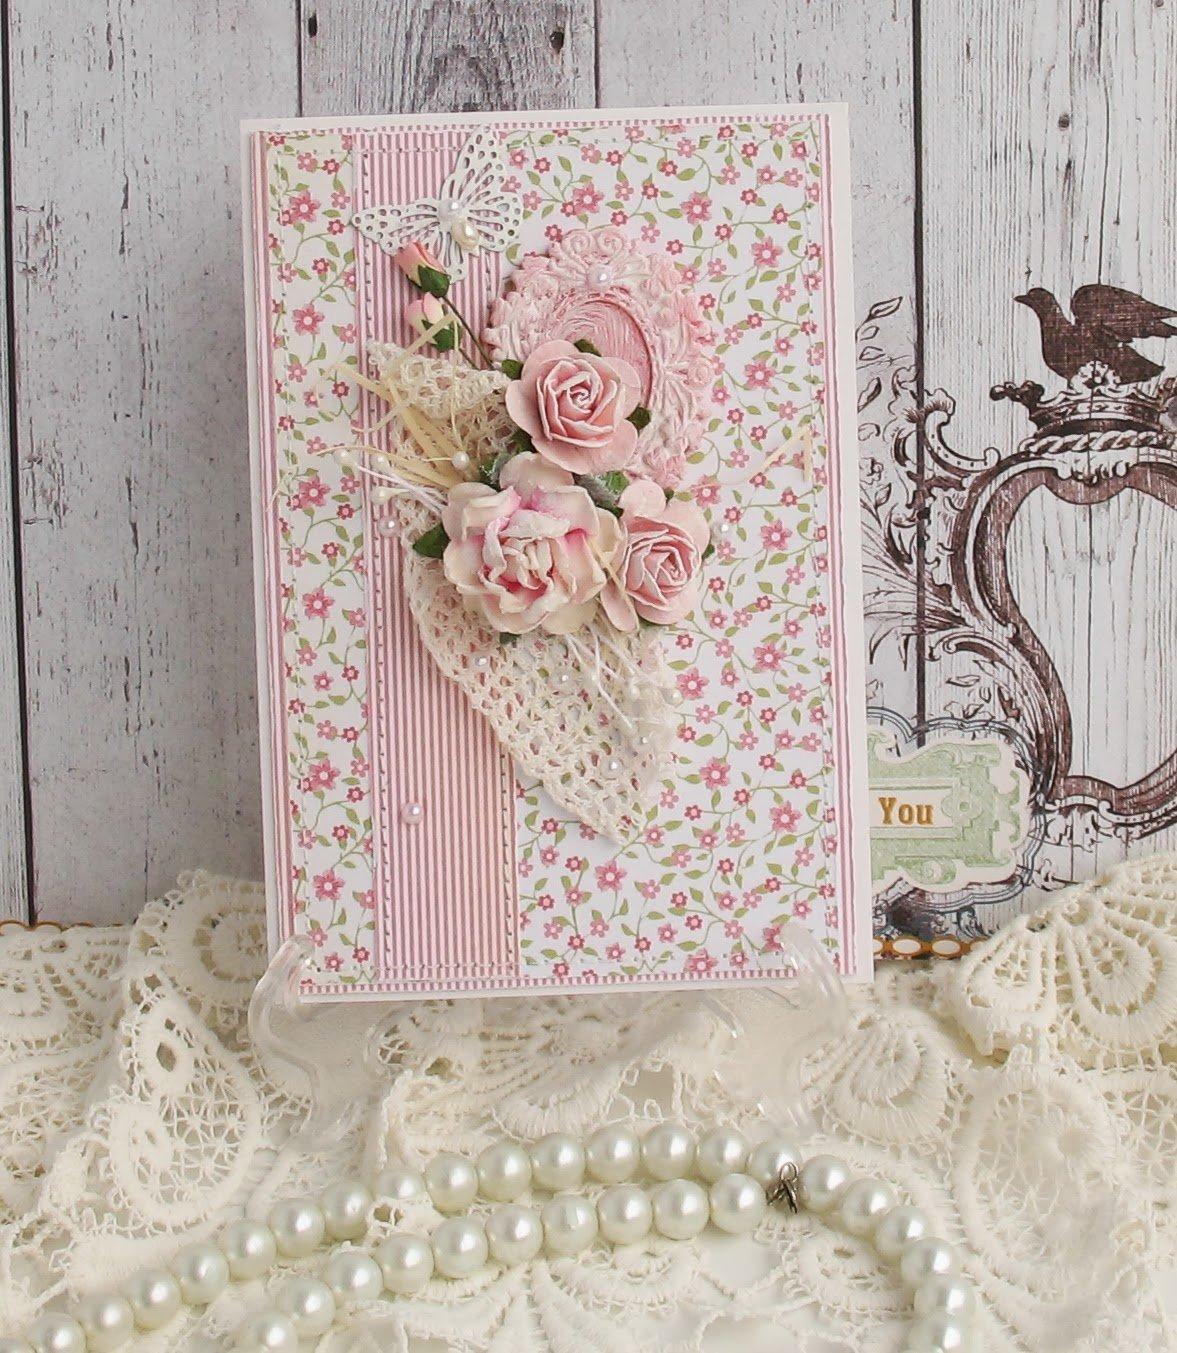 Оригинальные открытки в стиле скрапбукинга, днем рождения женщине